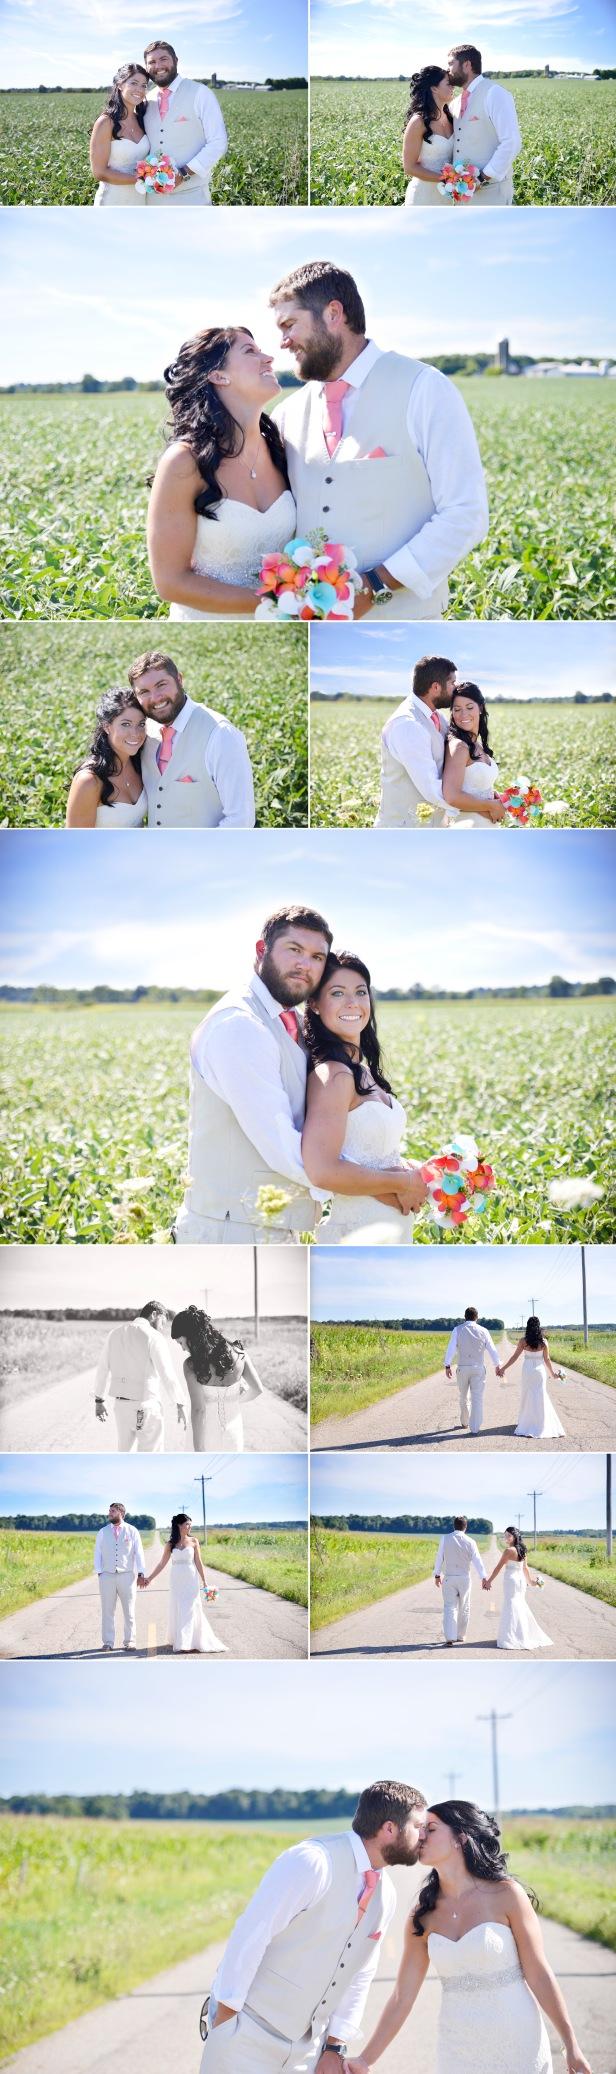 2-country wedding mount vernon Ohio